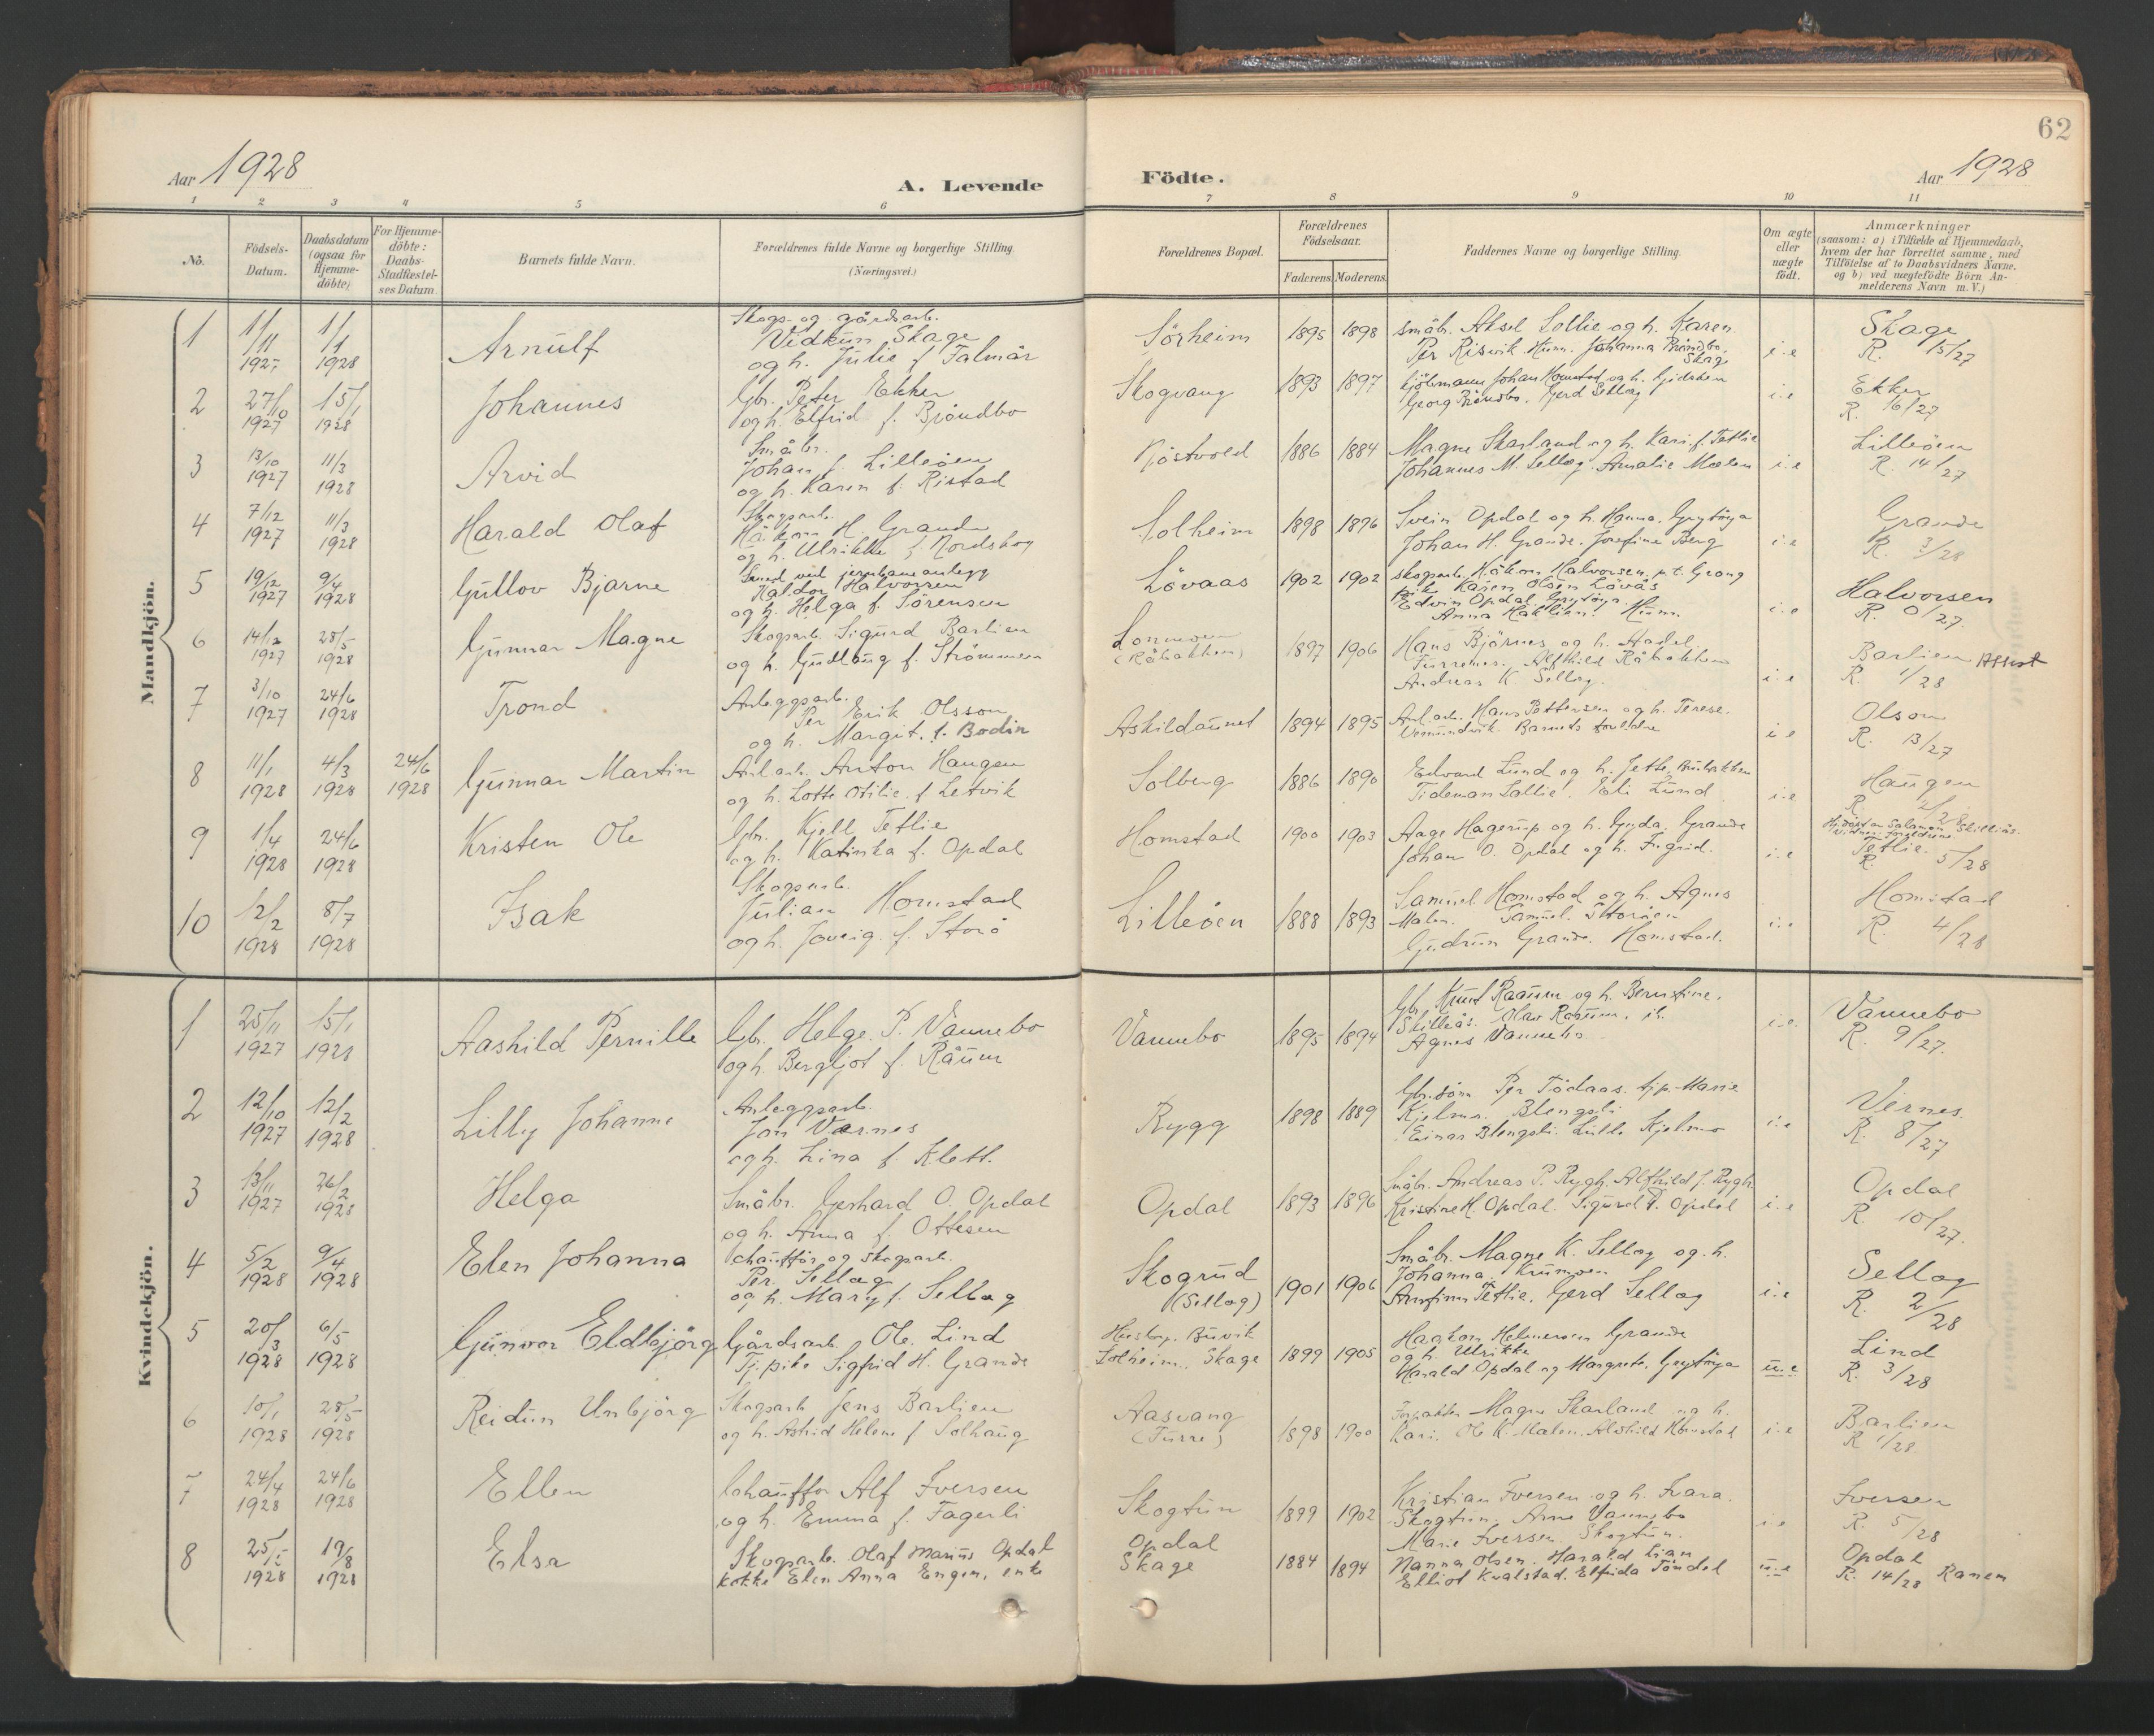 SAT, Ministerialprotokoller, klokkerbøker og fødselsregistre - Nord-Trøndelag, 766/L0564: Ministerialbok nr. 767A02, 1900-1932, s. 62